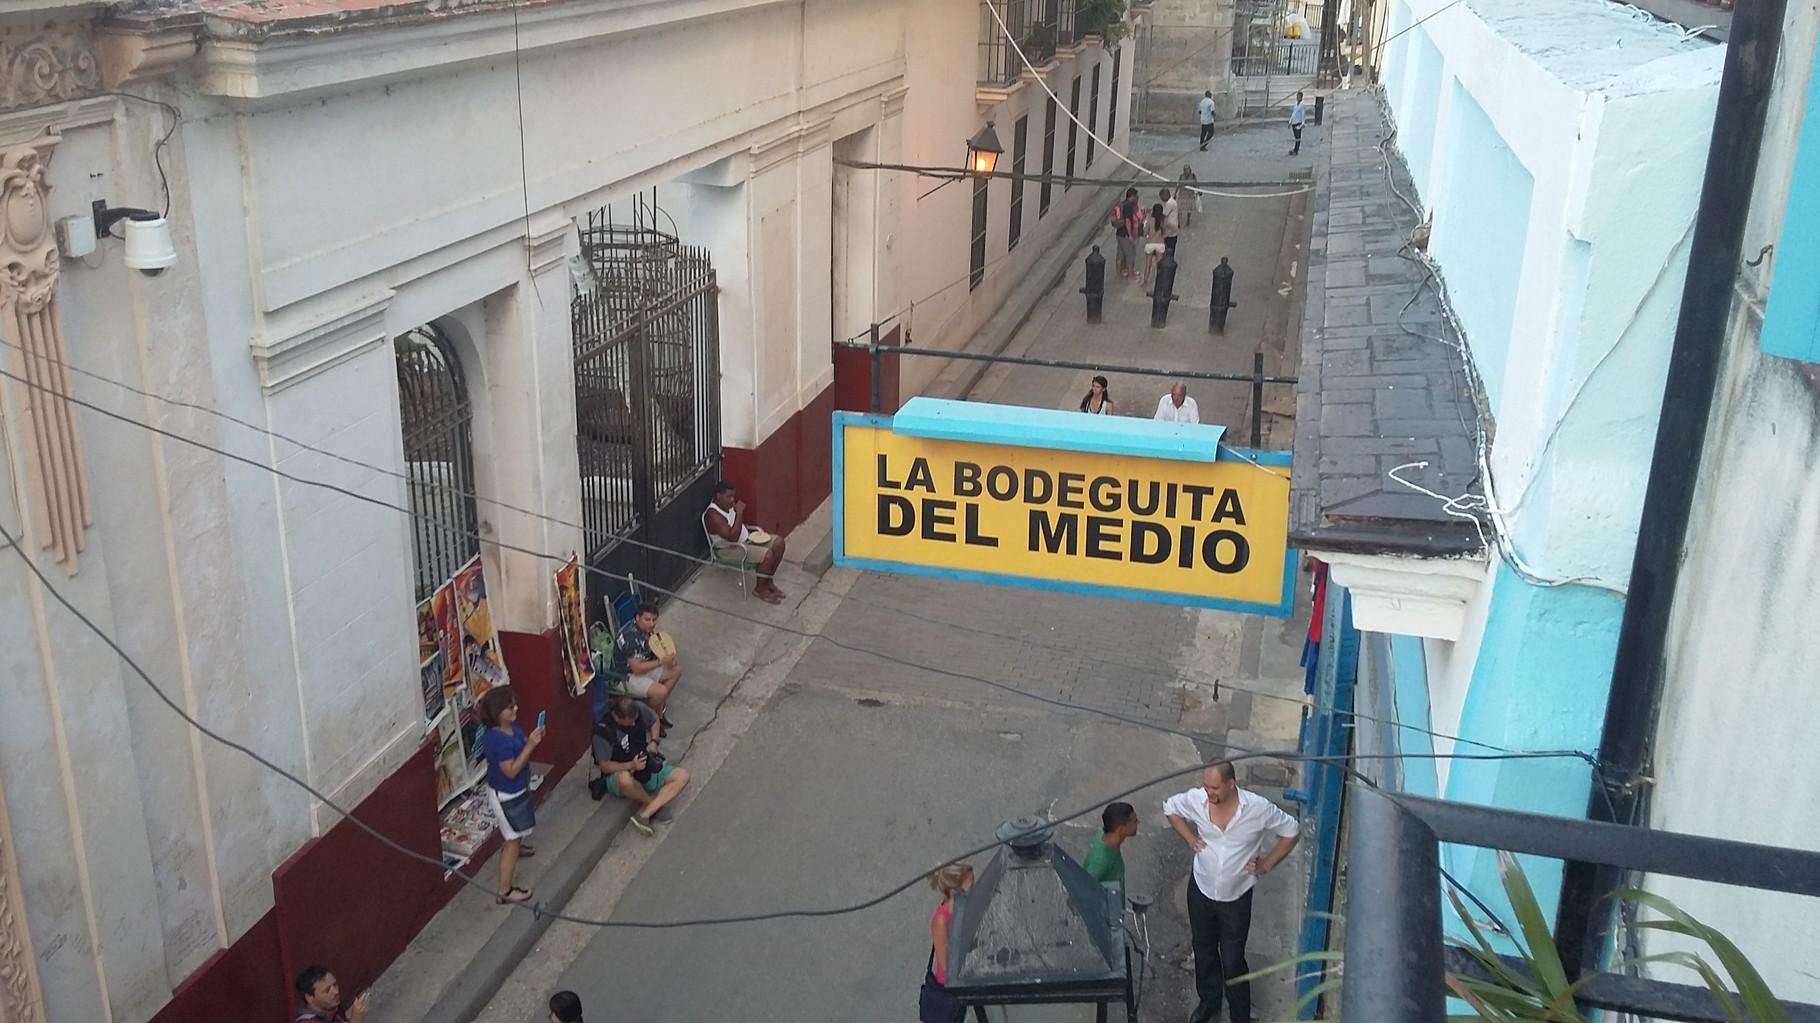 Este restaurante desde 1942 se preparan los mejores mojitos del mundo, el trago cubano.